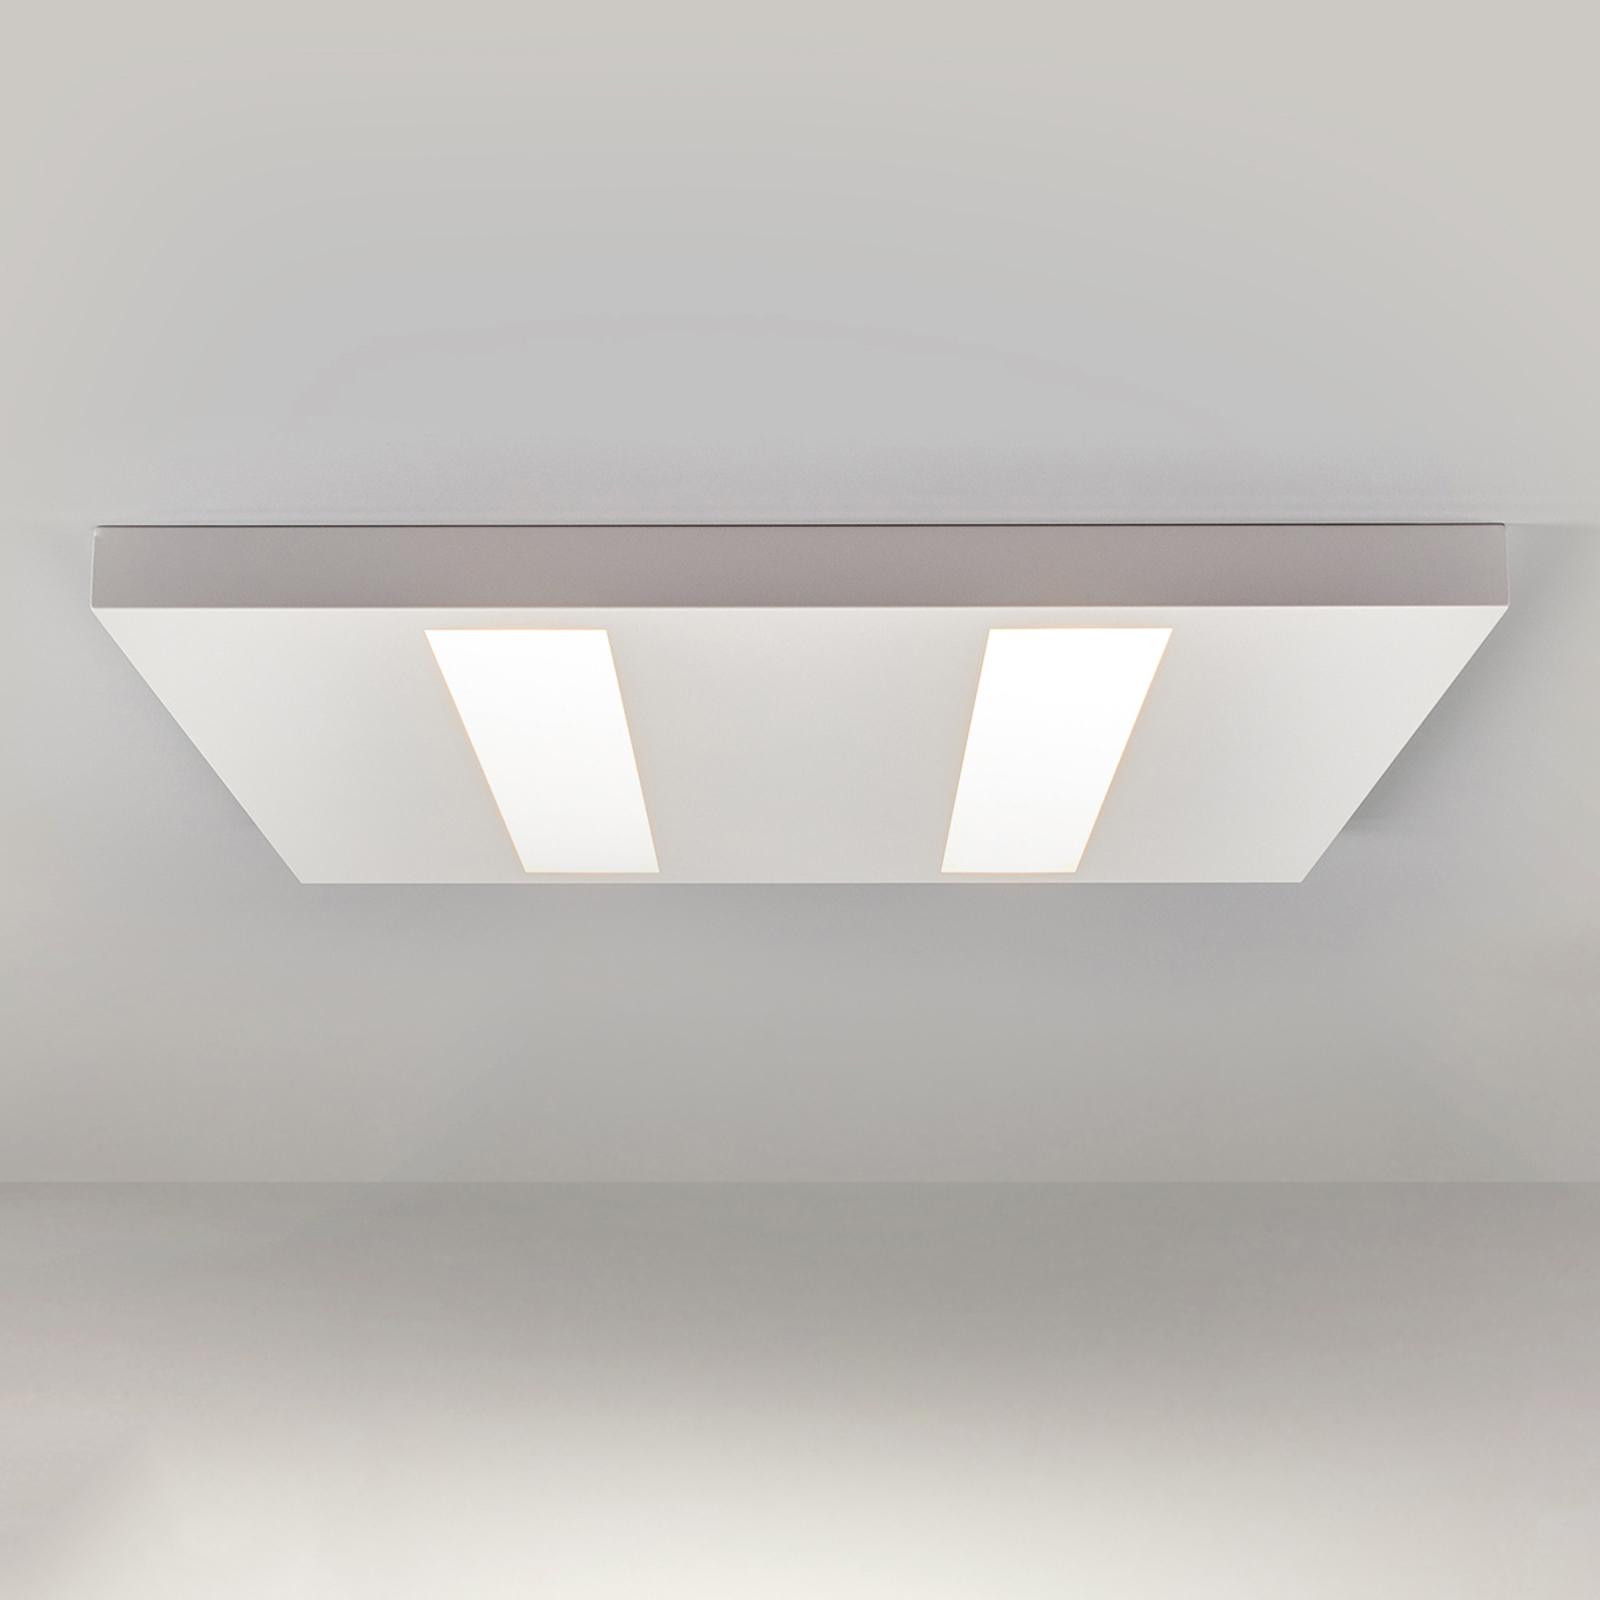 Flat LED light 37W white OSRAM LED_3002127_1